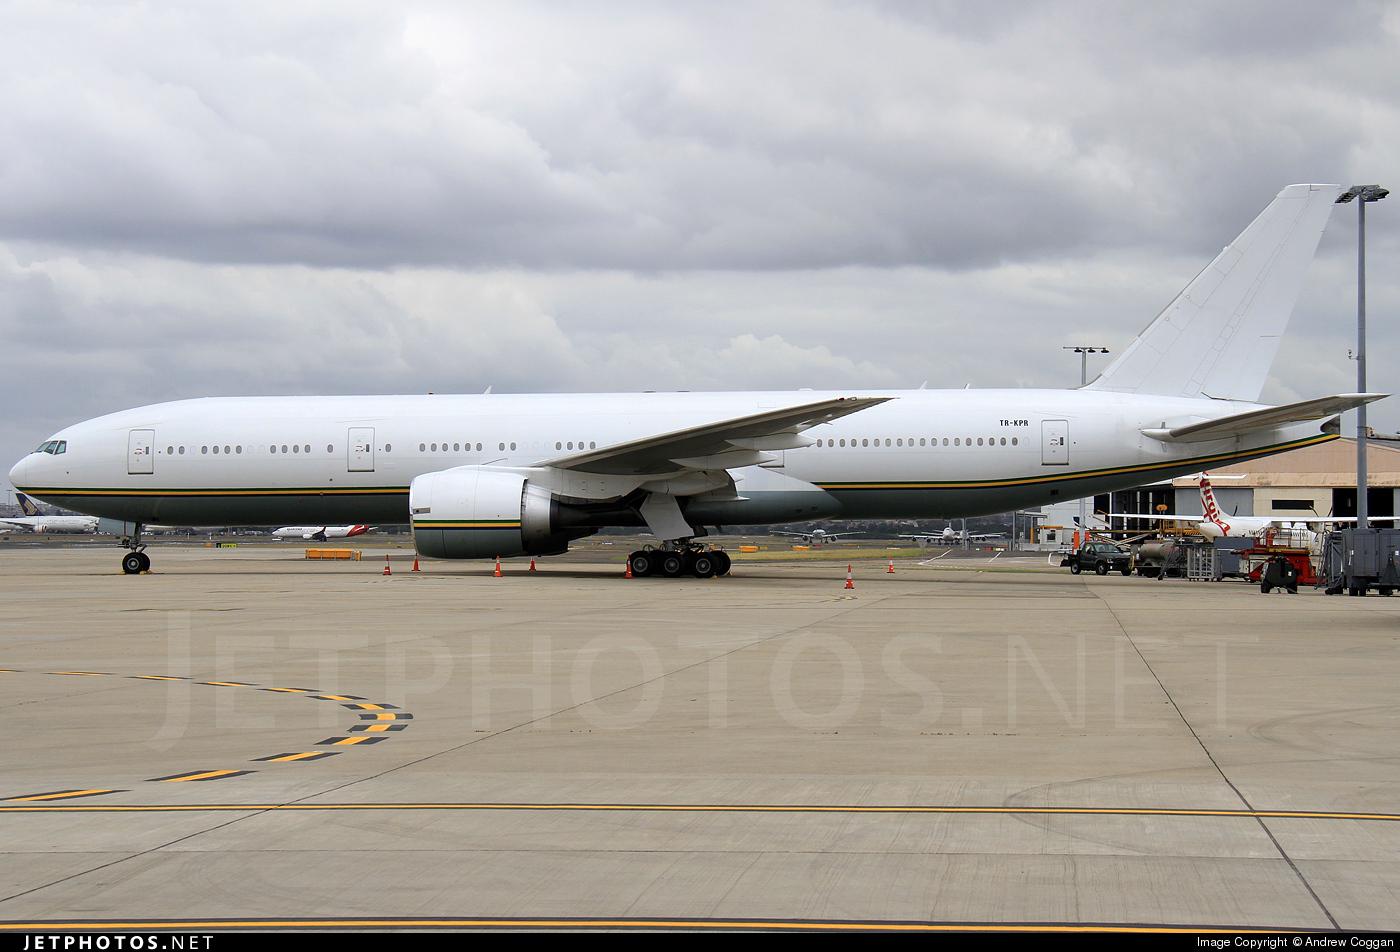 TR-KPR - Boeing 777-236 - Gabon - Government